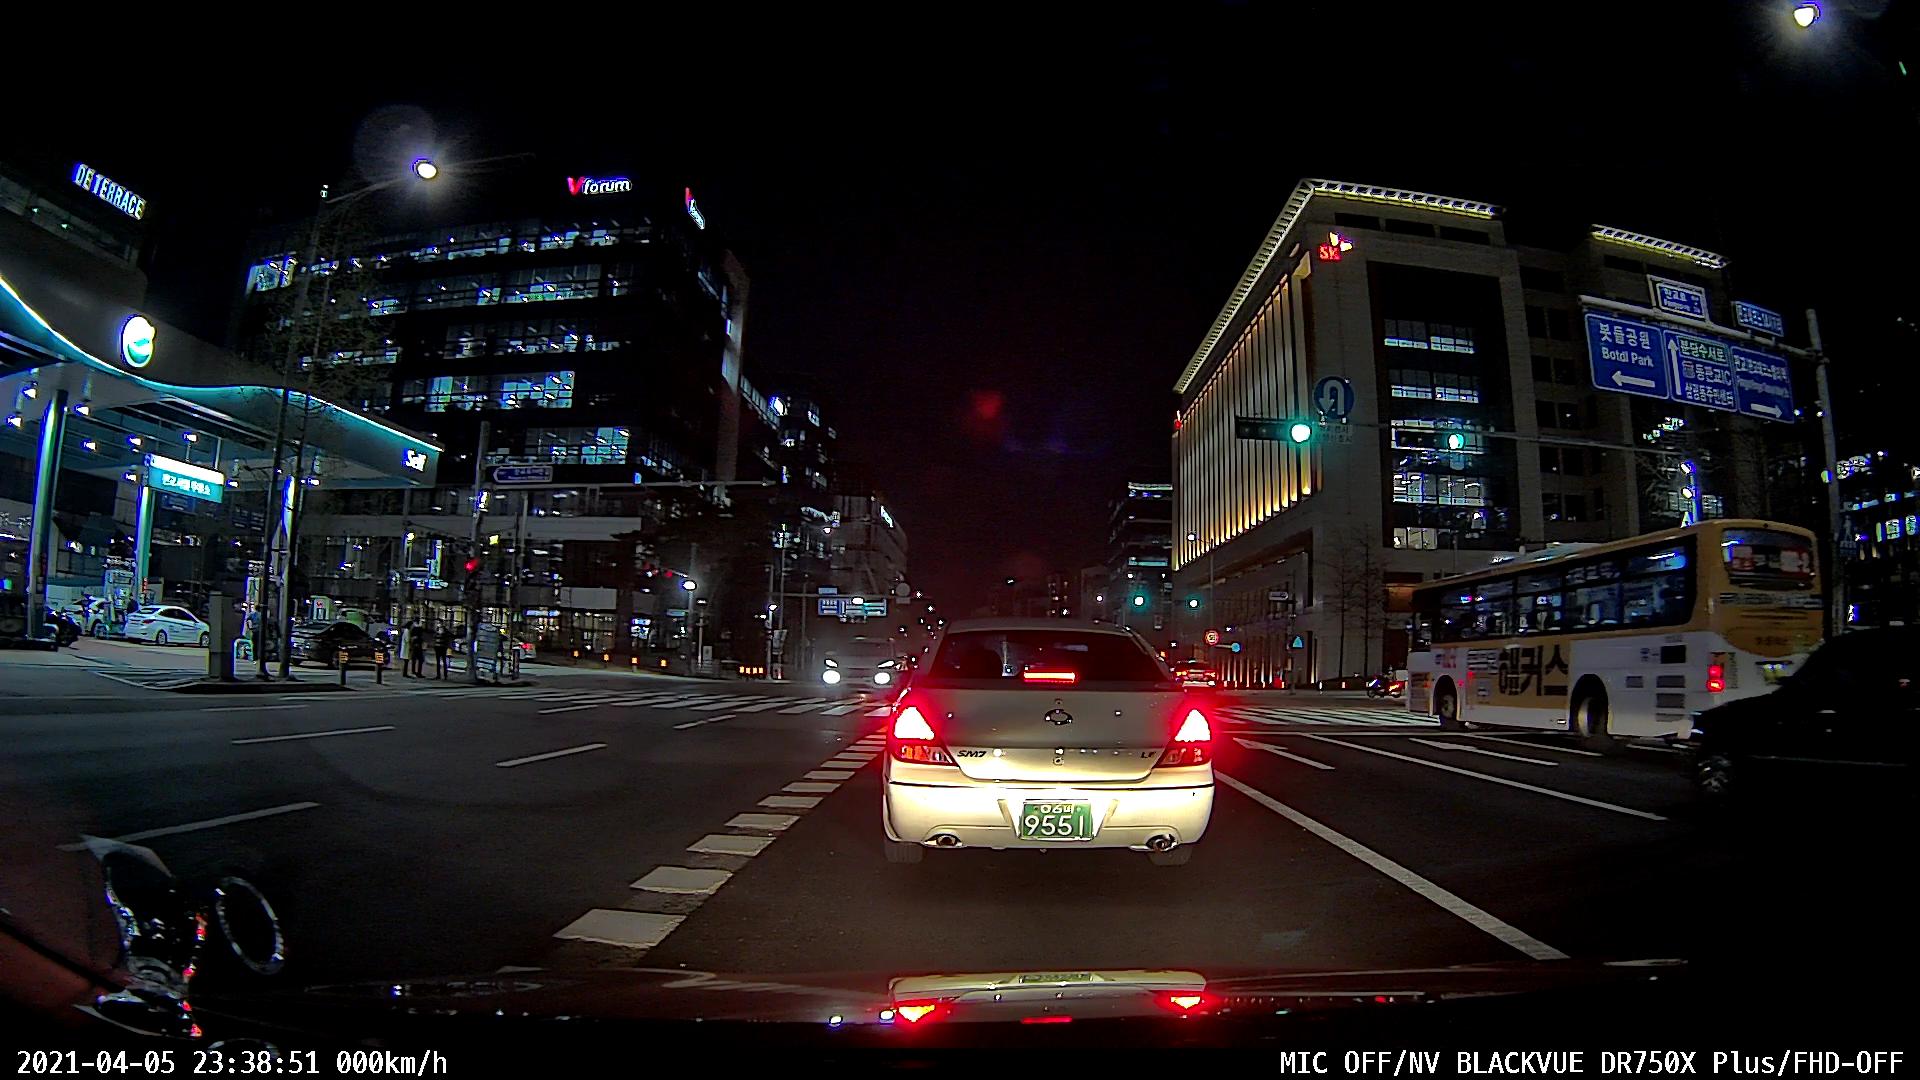 دوربین خودرو پلاس با سنسور جدید سونی یکتانگر